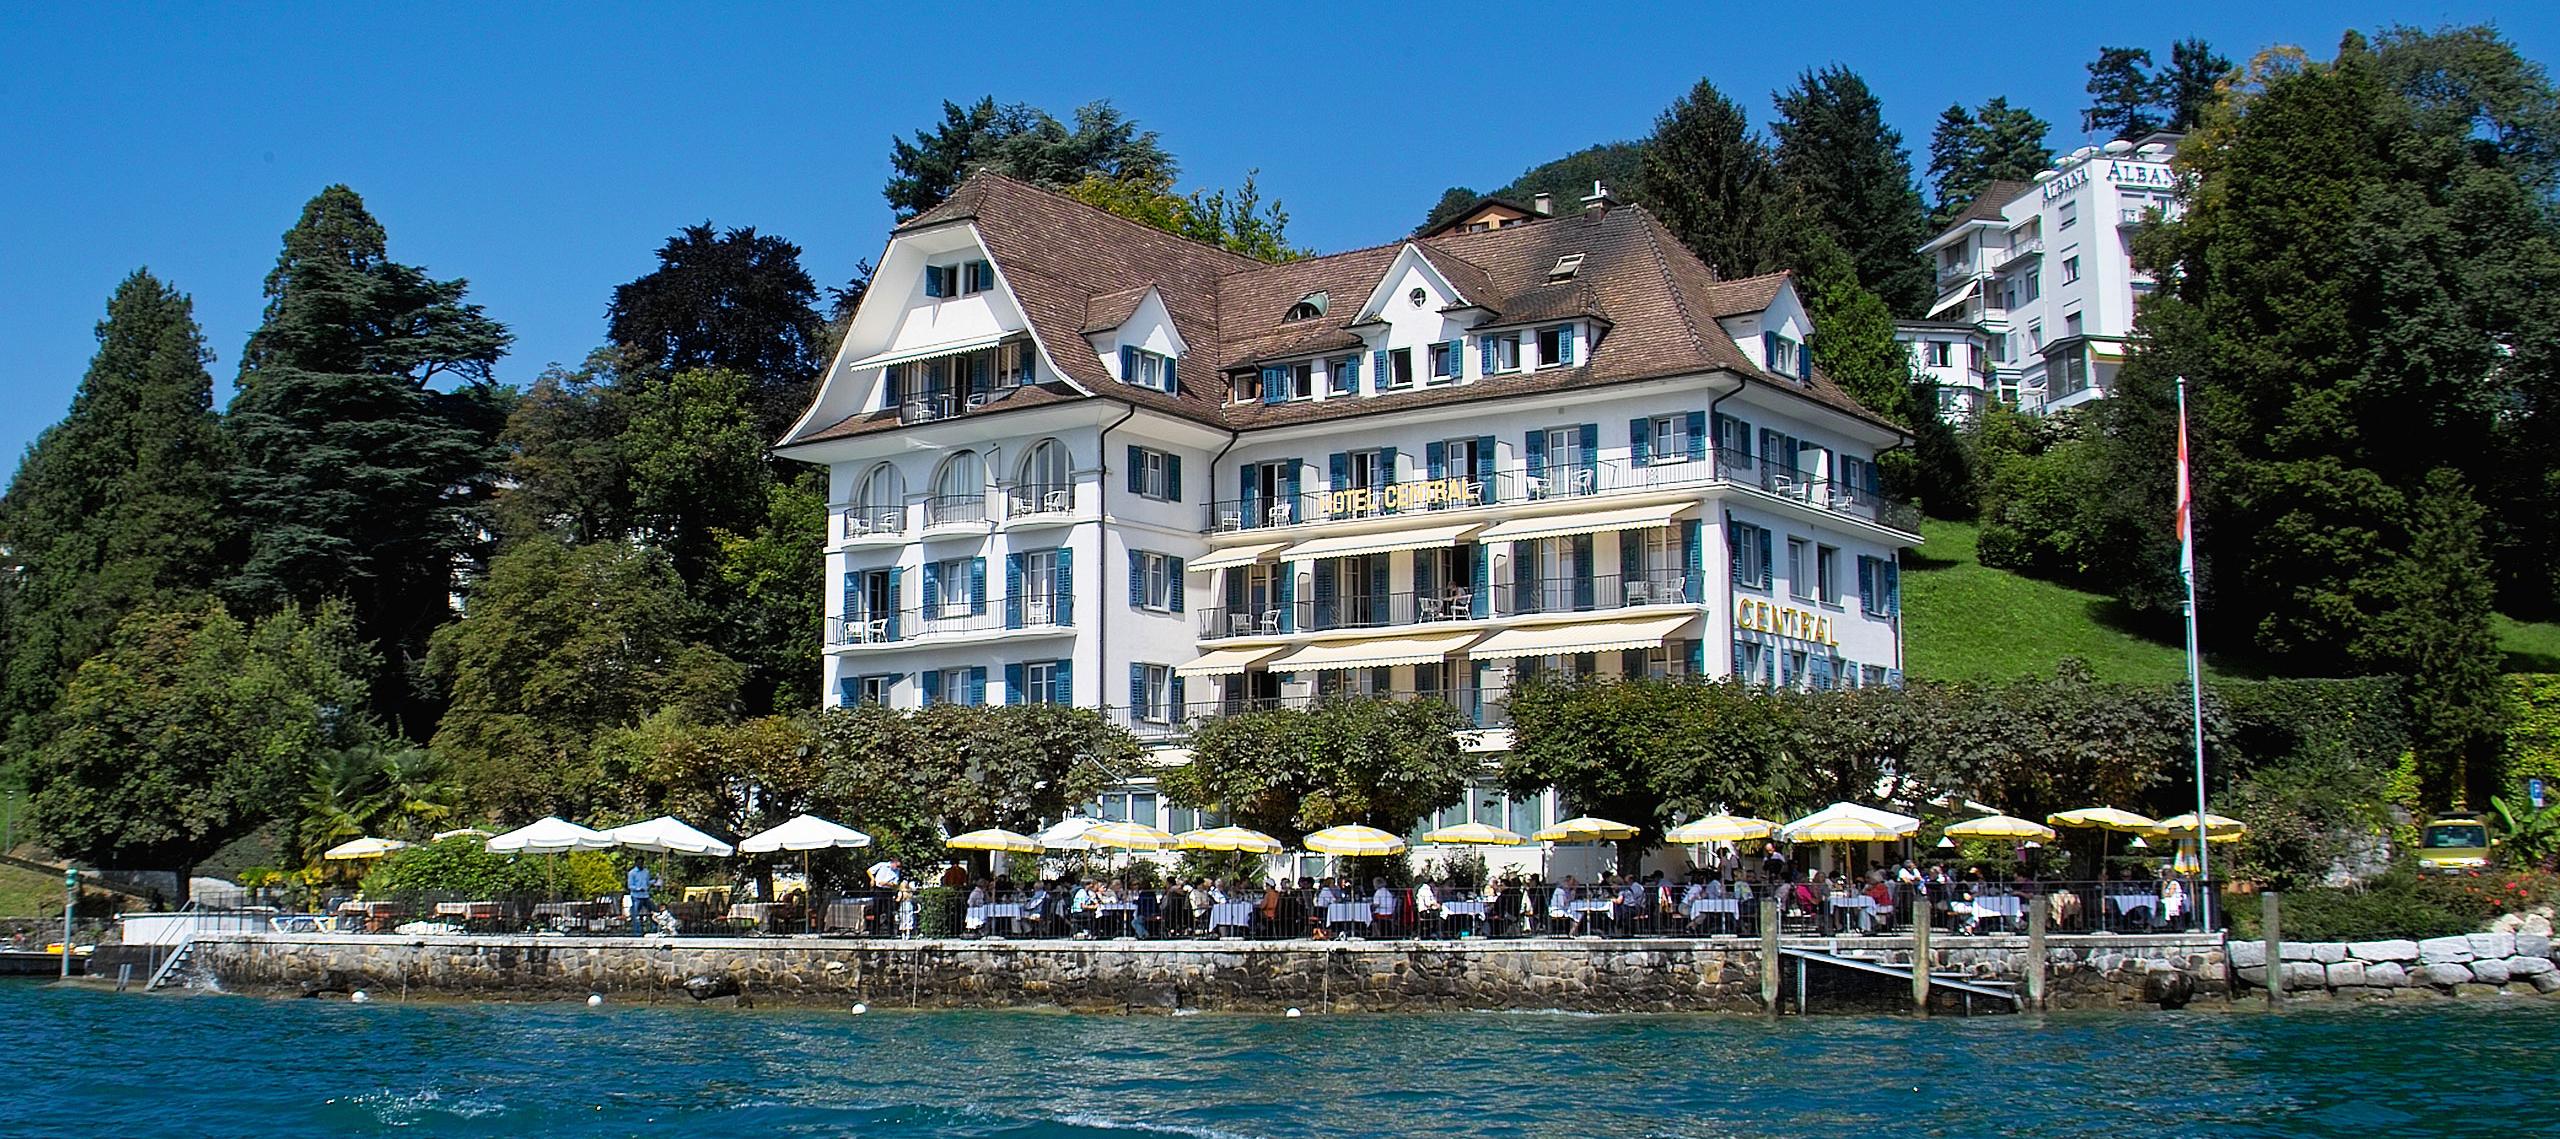 The Grand Hotel Switzerland